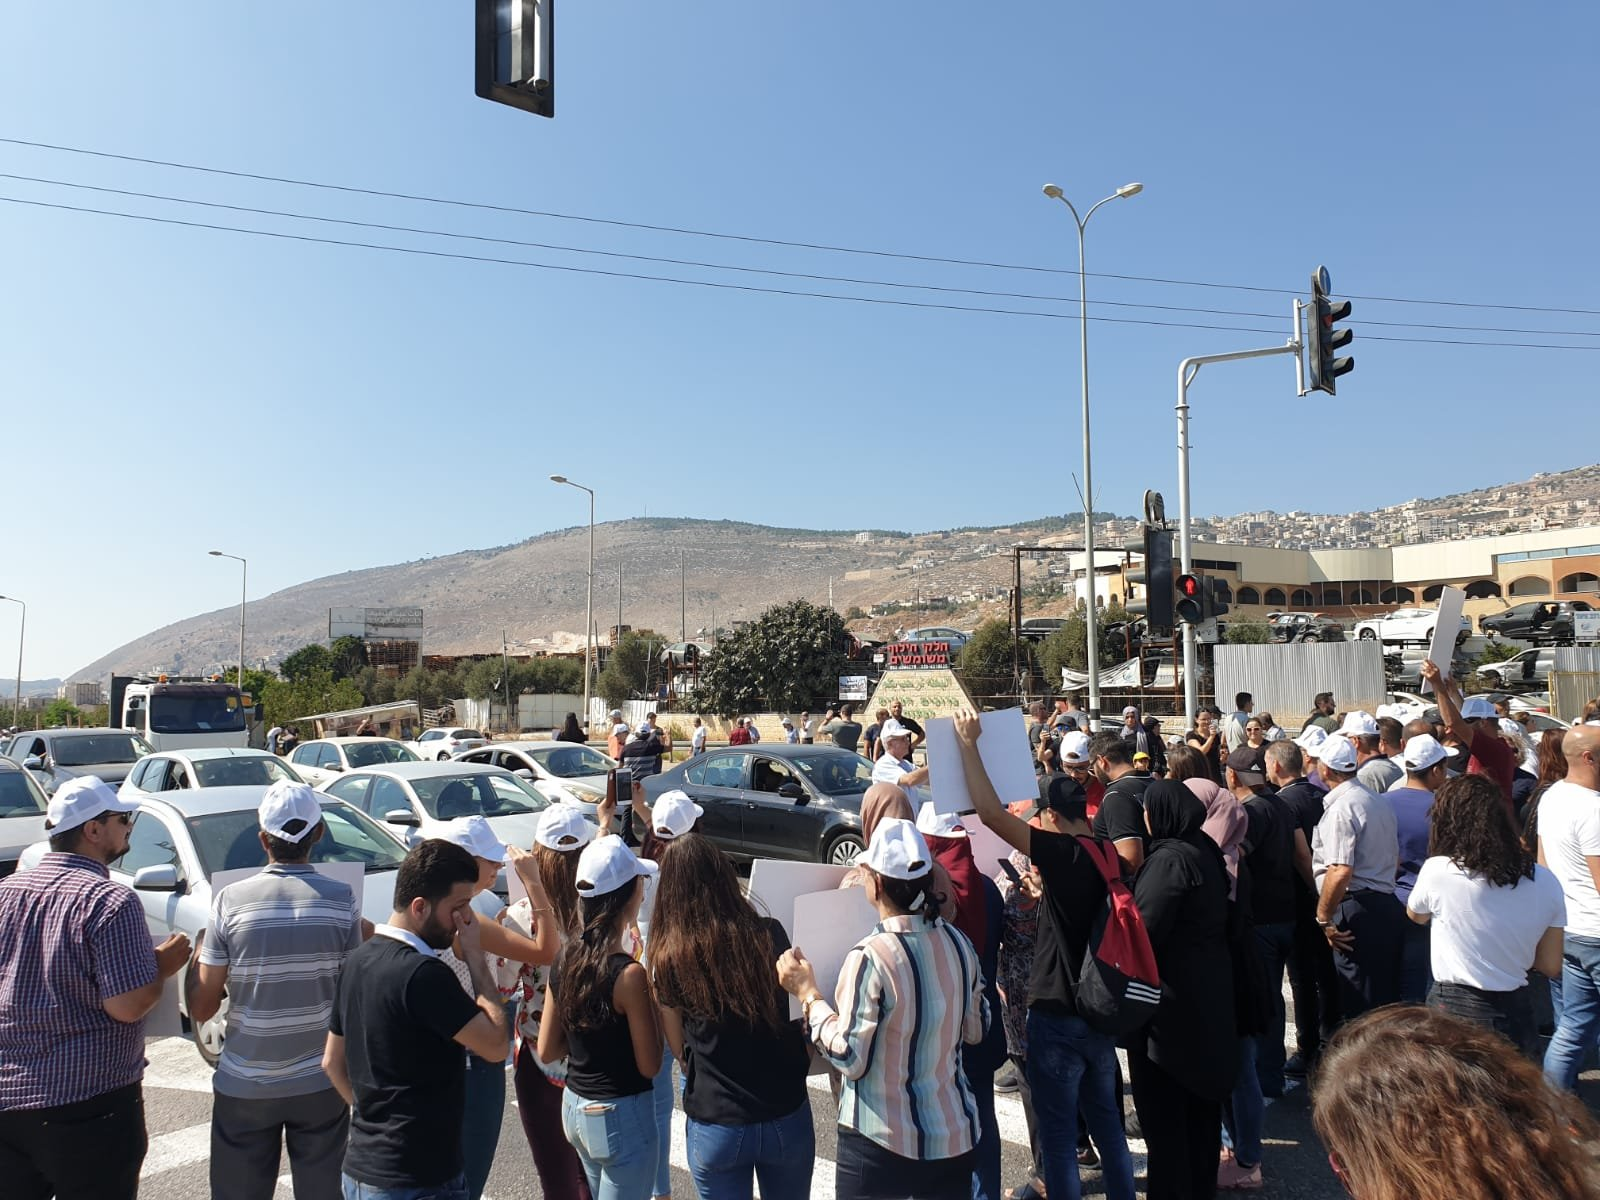 الشرطة تتدخل لفض تظاهرات على مفارق الناعور، طمرة وكرمئيل